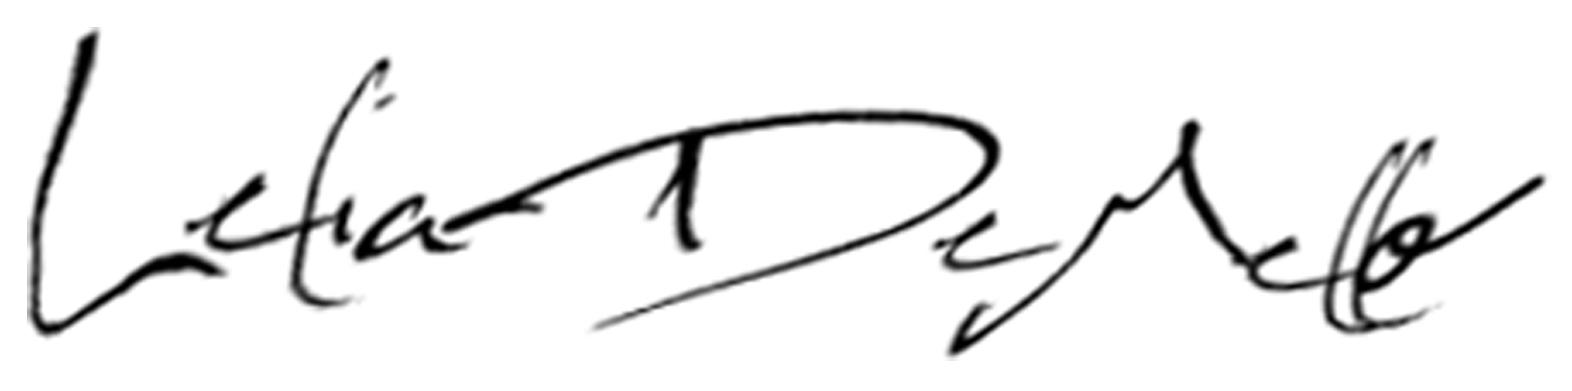 Lelia DeMello's Signature